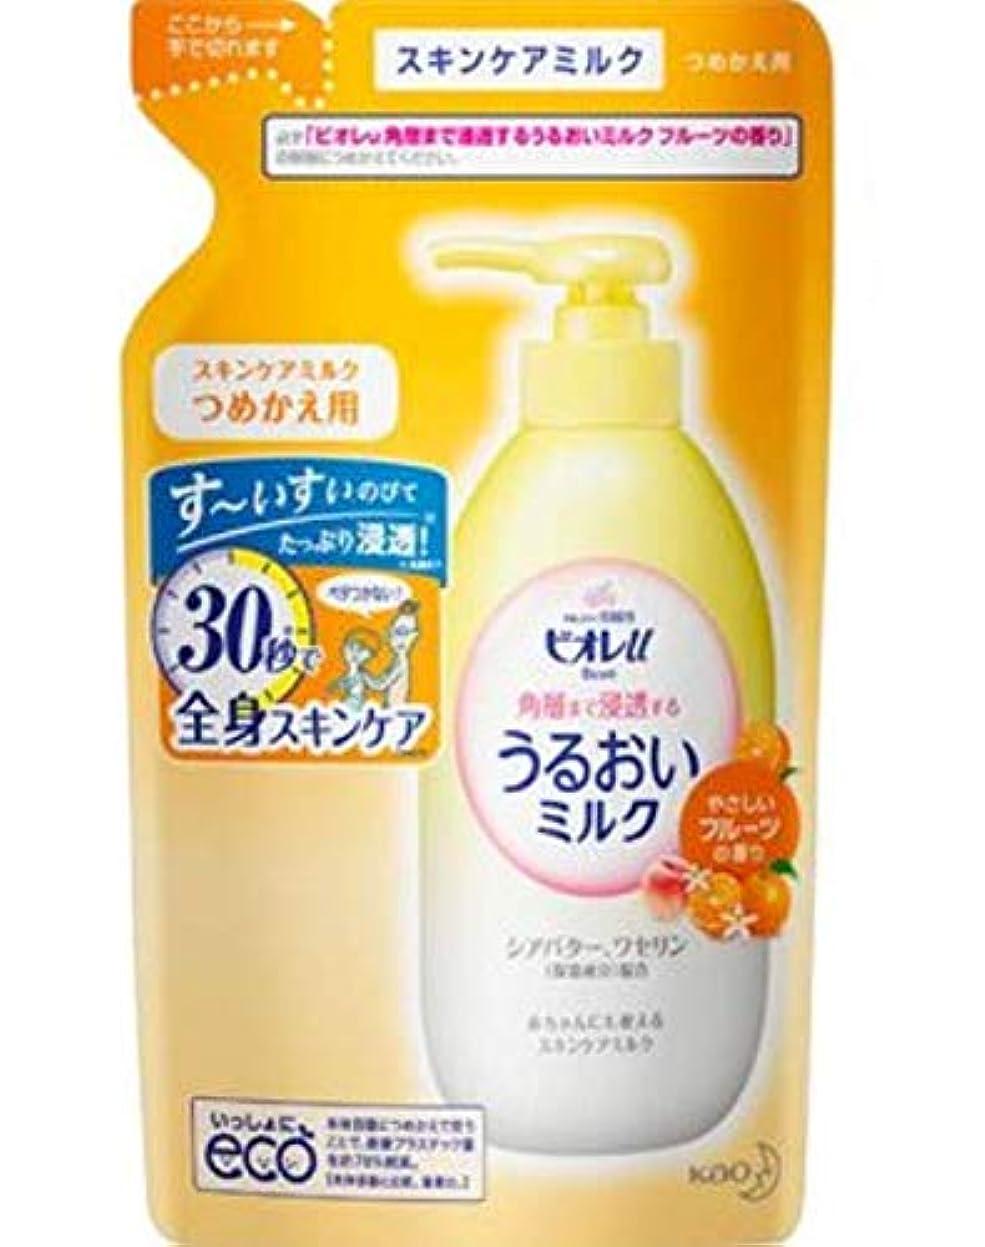 文芸その間皿ビオレu 角層まで浸透 うるおいミルク フルーツ 250ml 詰替